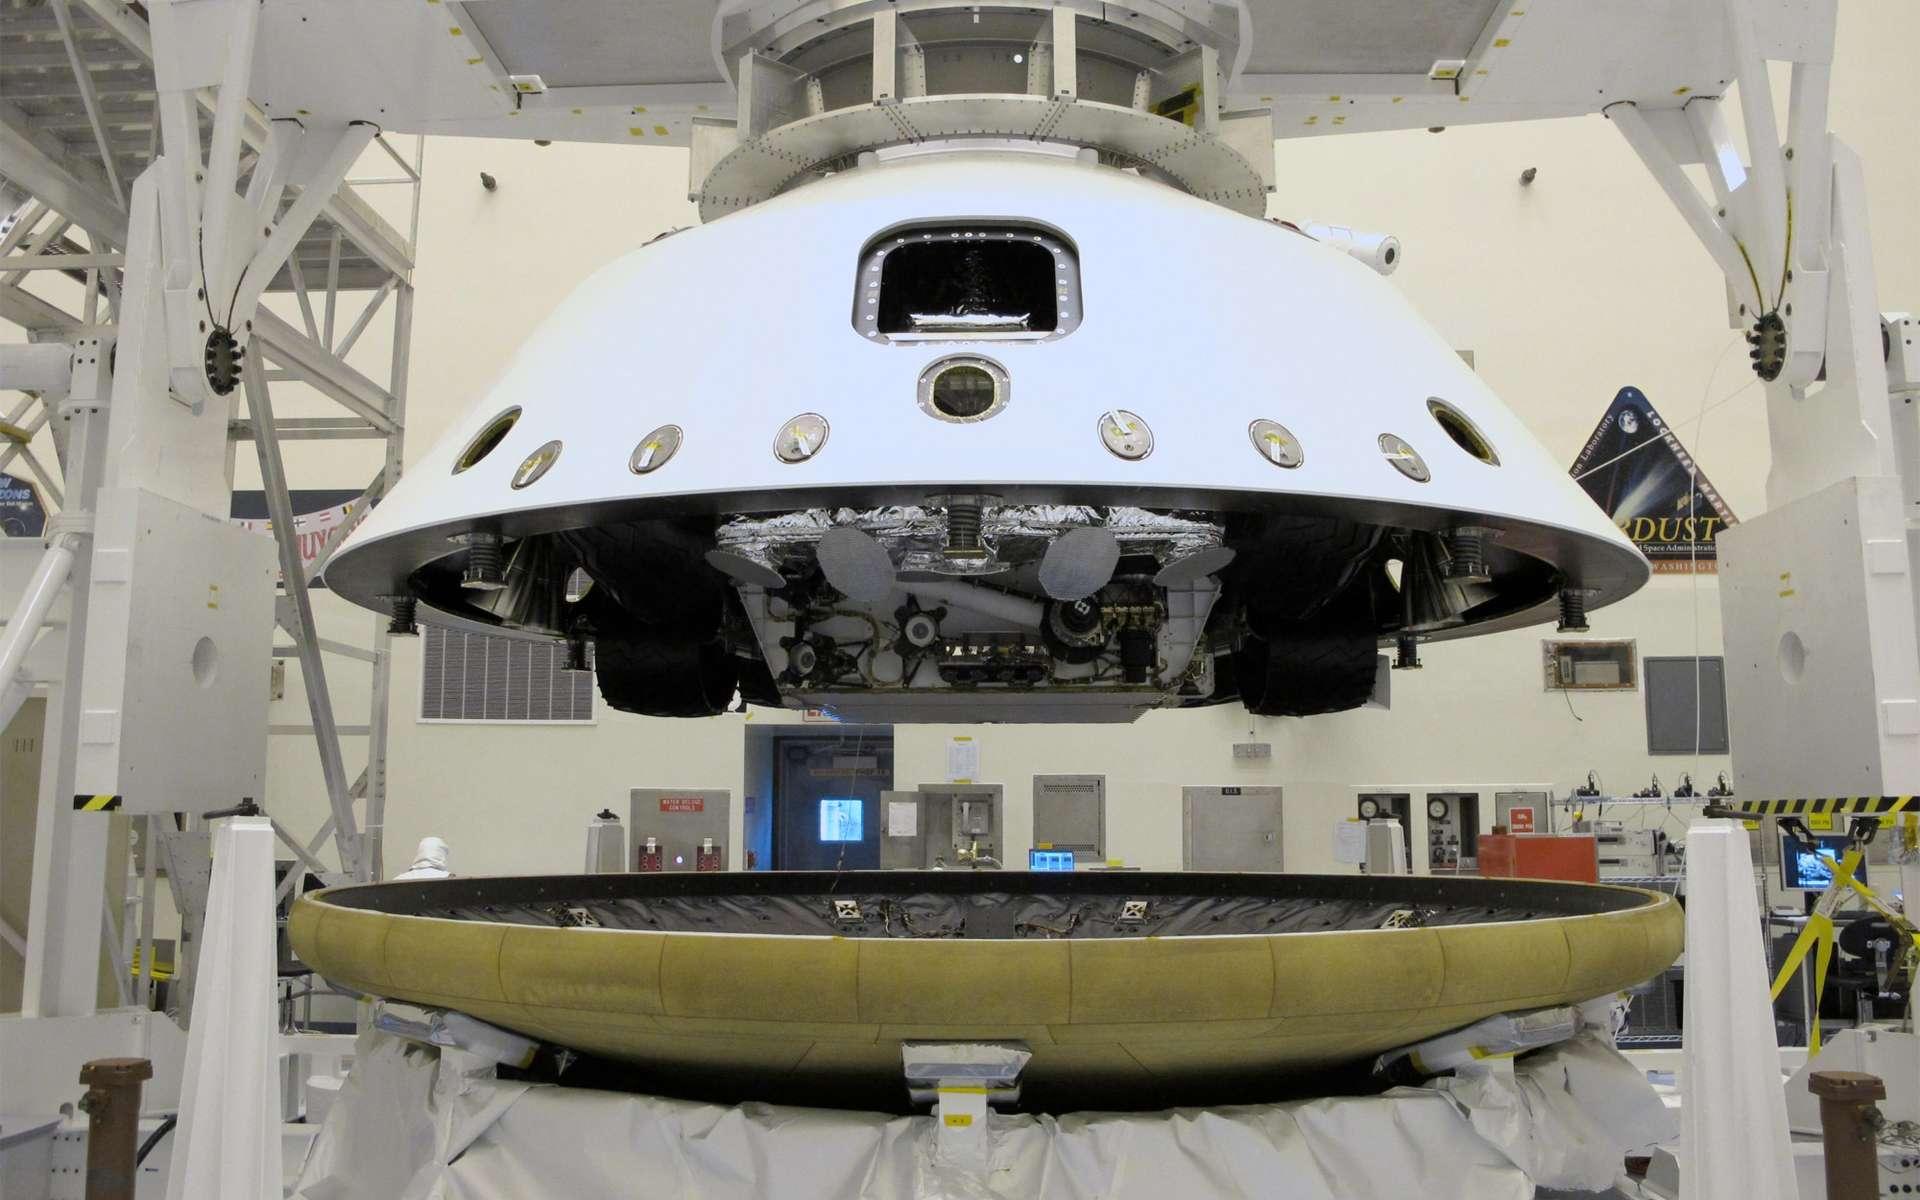 Le rover Curiosity est encapsulé dans son bouclier thermique. Le cône arrière, qui contient le rover (roues repliées), le Skycrane (la grue chargée de poser le rover sur la surface) et les parachutes, est installé sur le cône avant du bouclier. © Nasa/JPL-Caltech